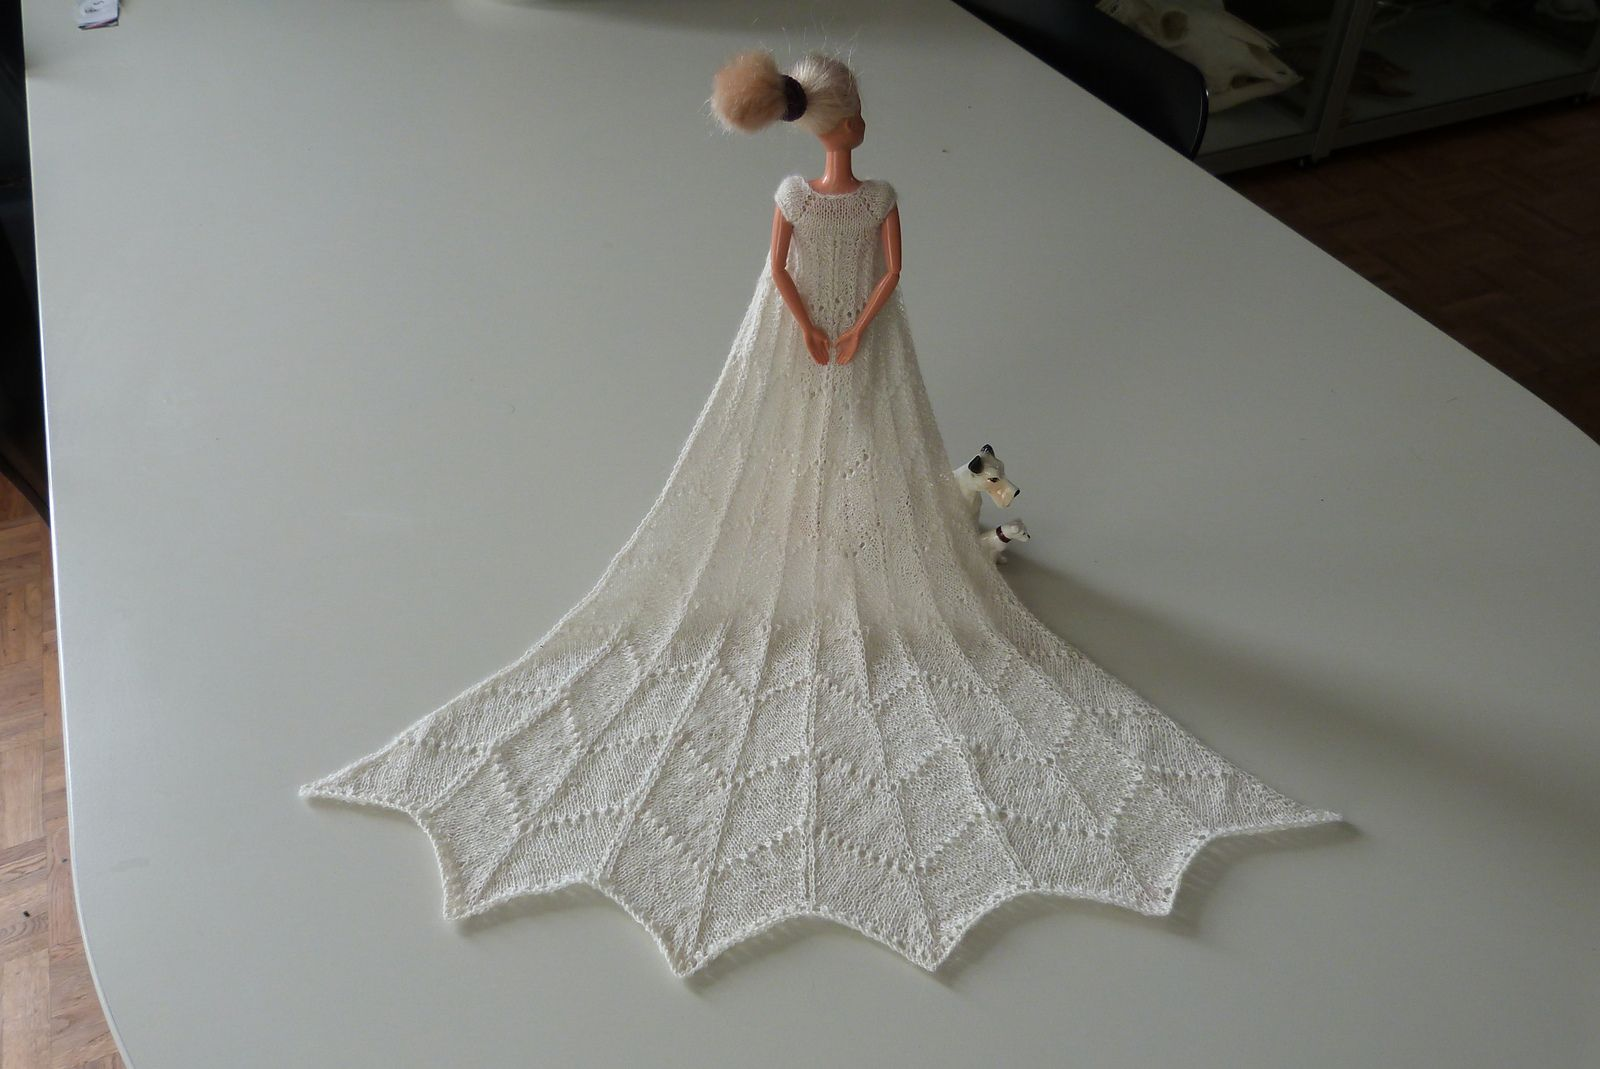 Wedding dress patterns free  wikunaus Zipfelweddingwestchen  rnstudiolangus